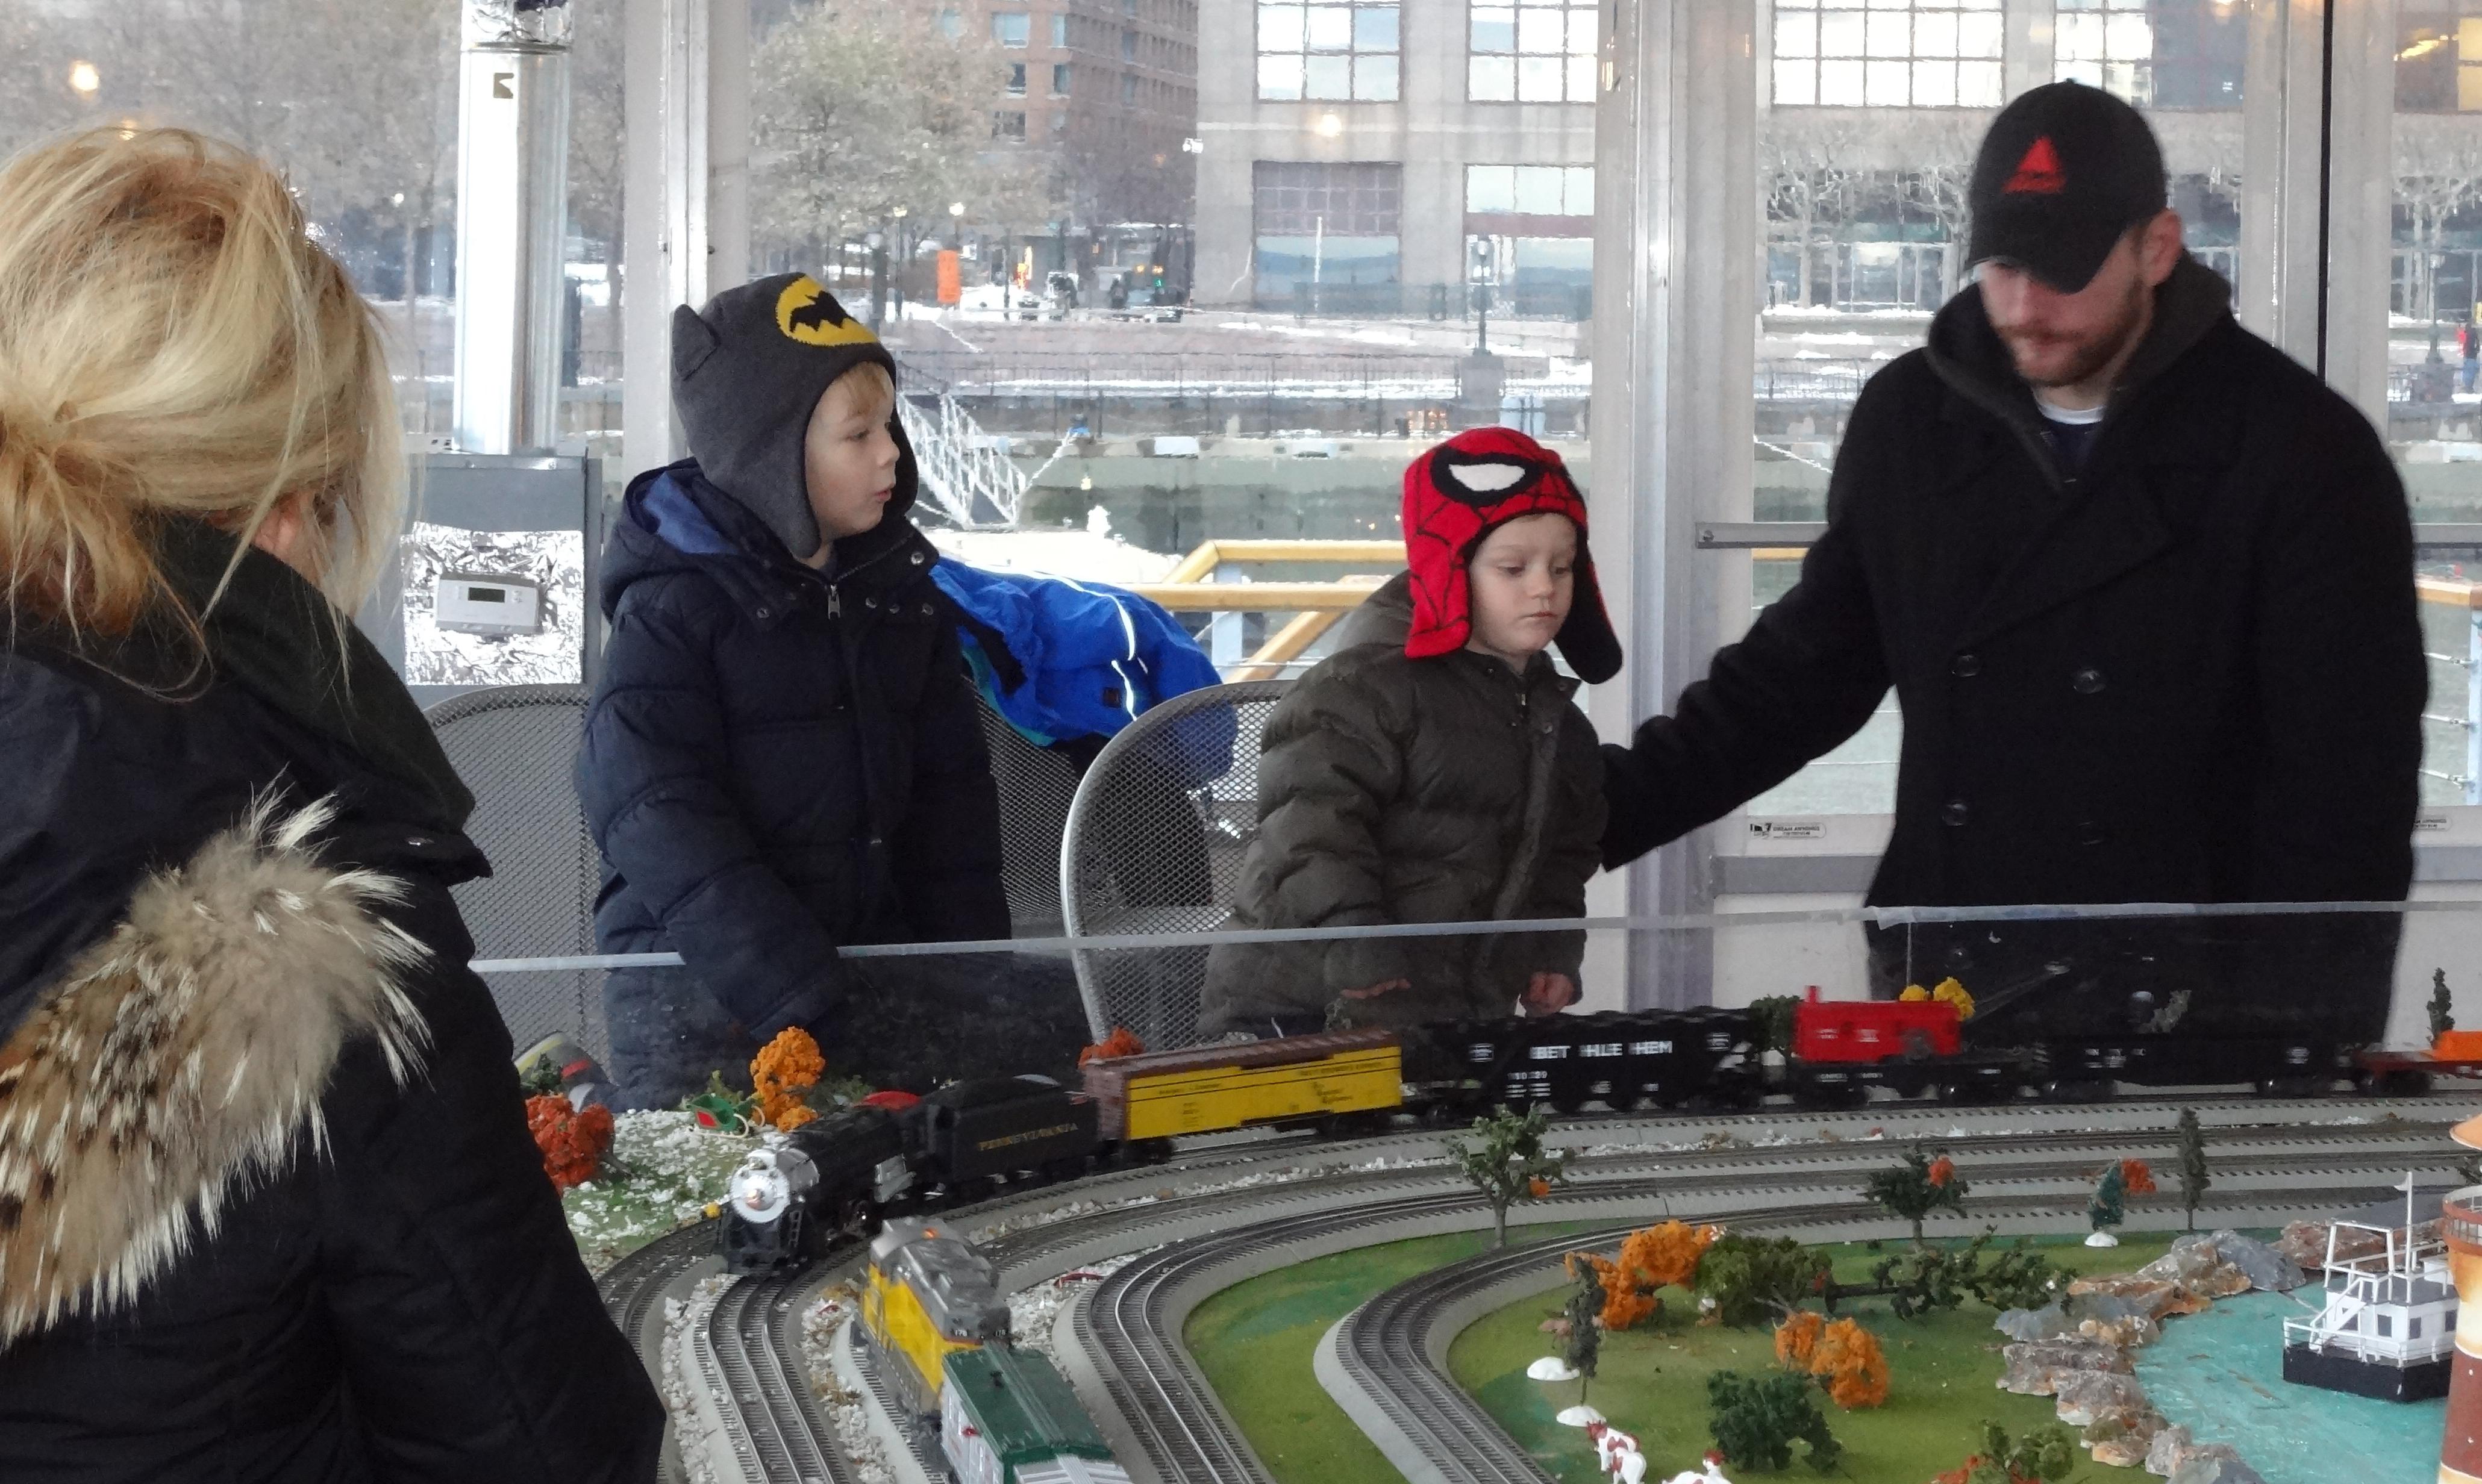 Train set kids father A